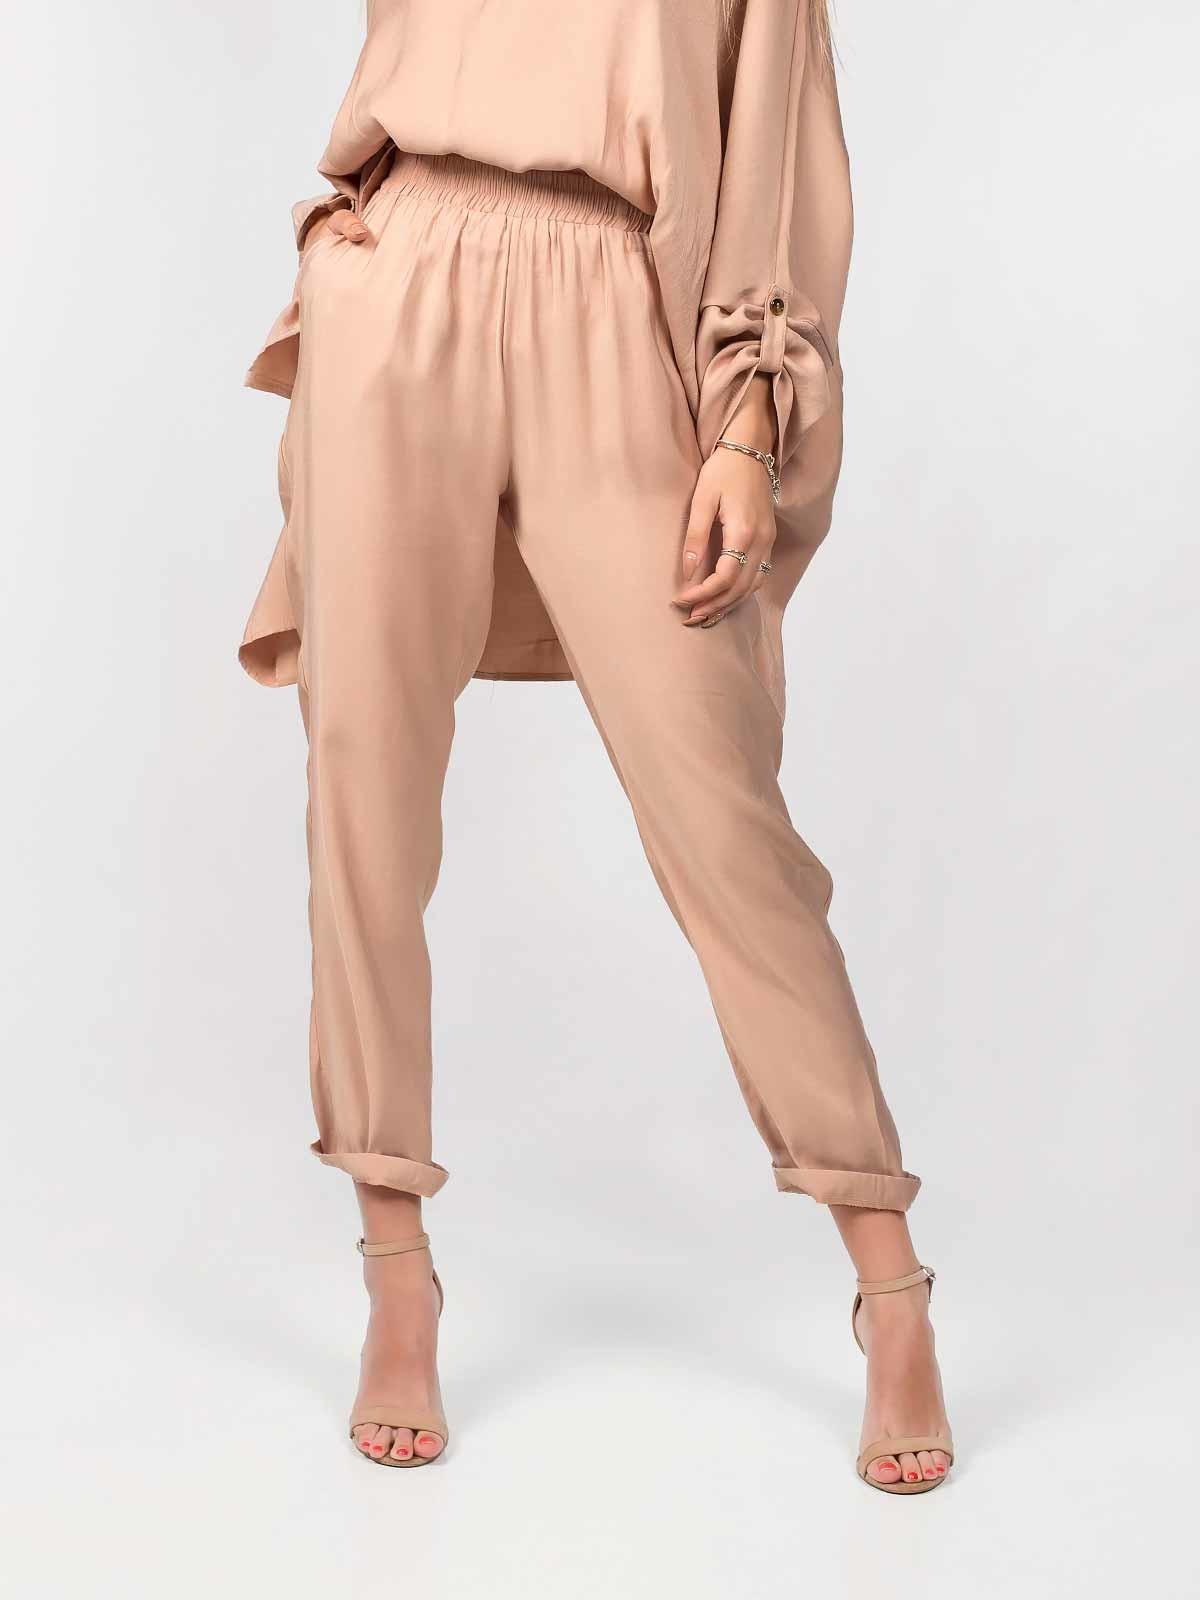 Pantalones anchos de tela de raso